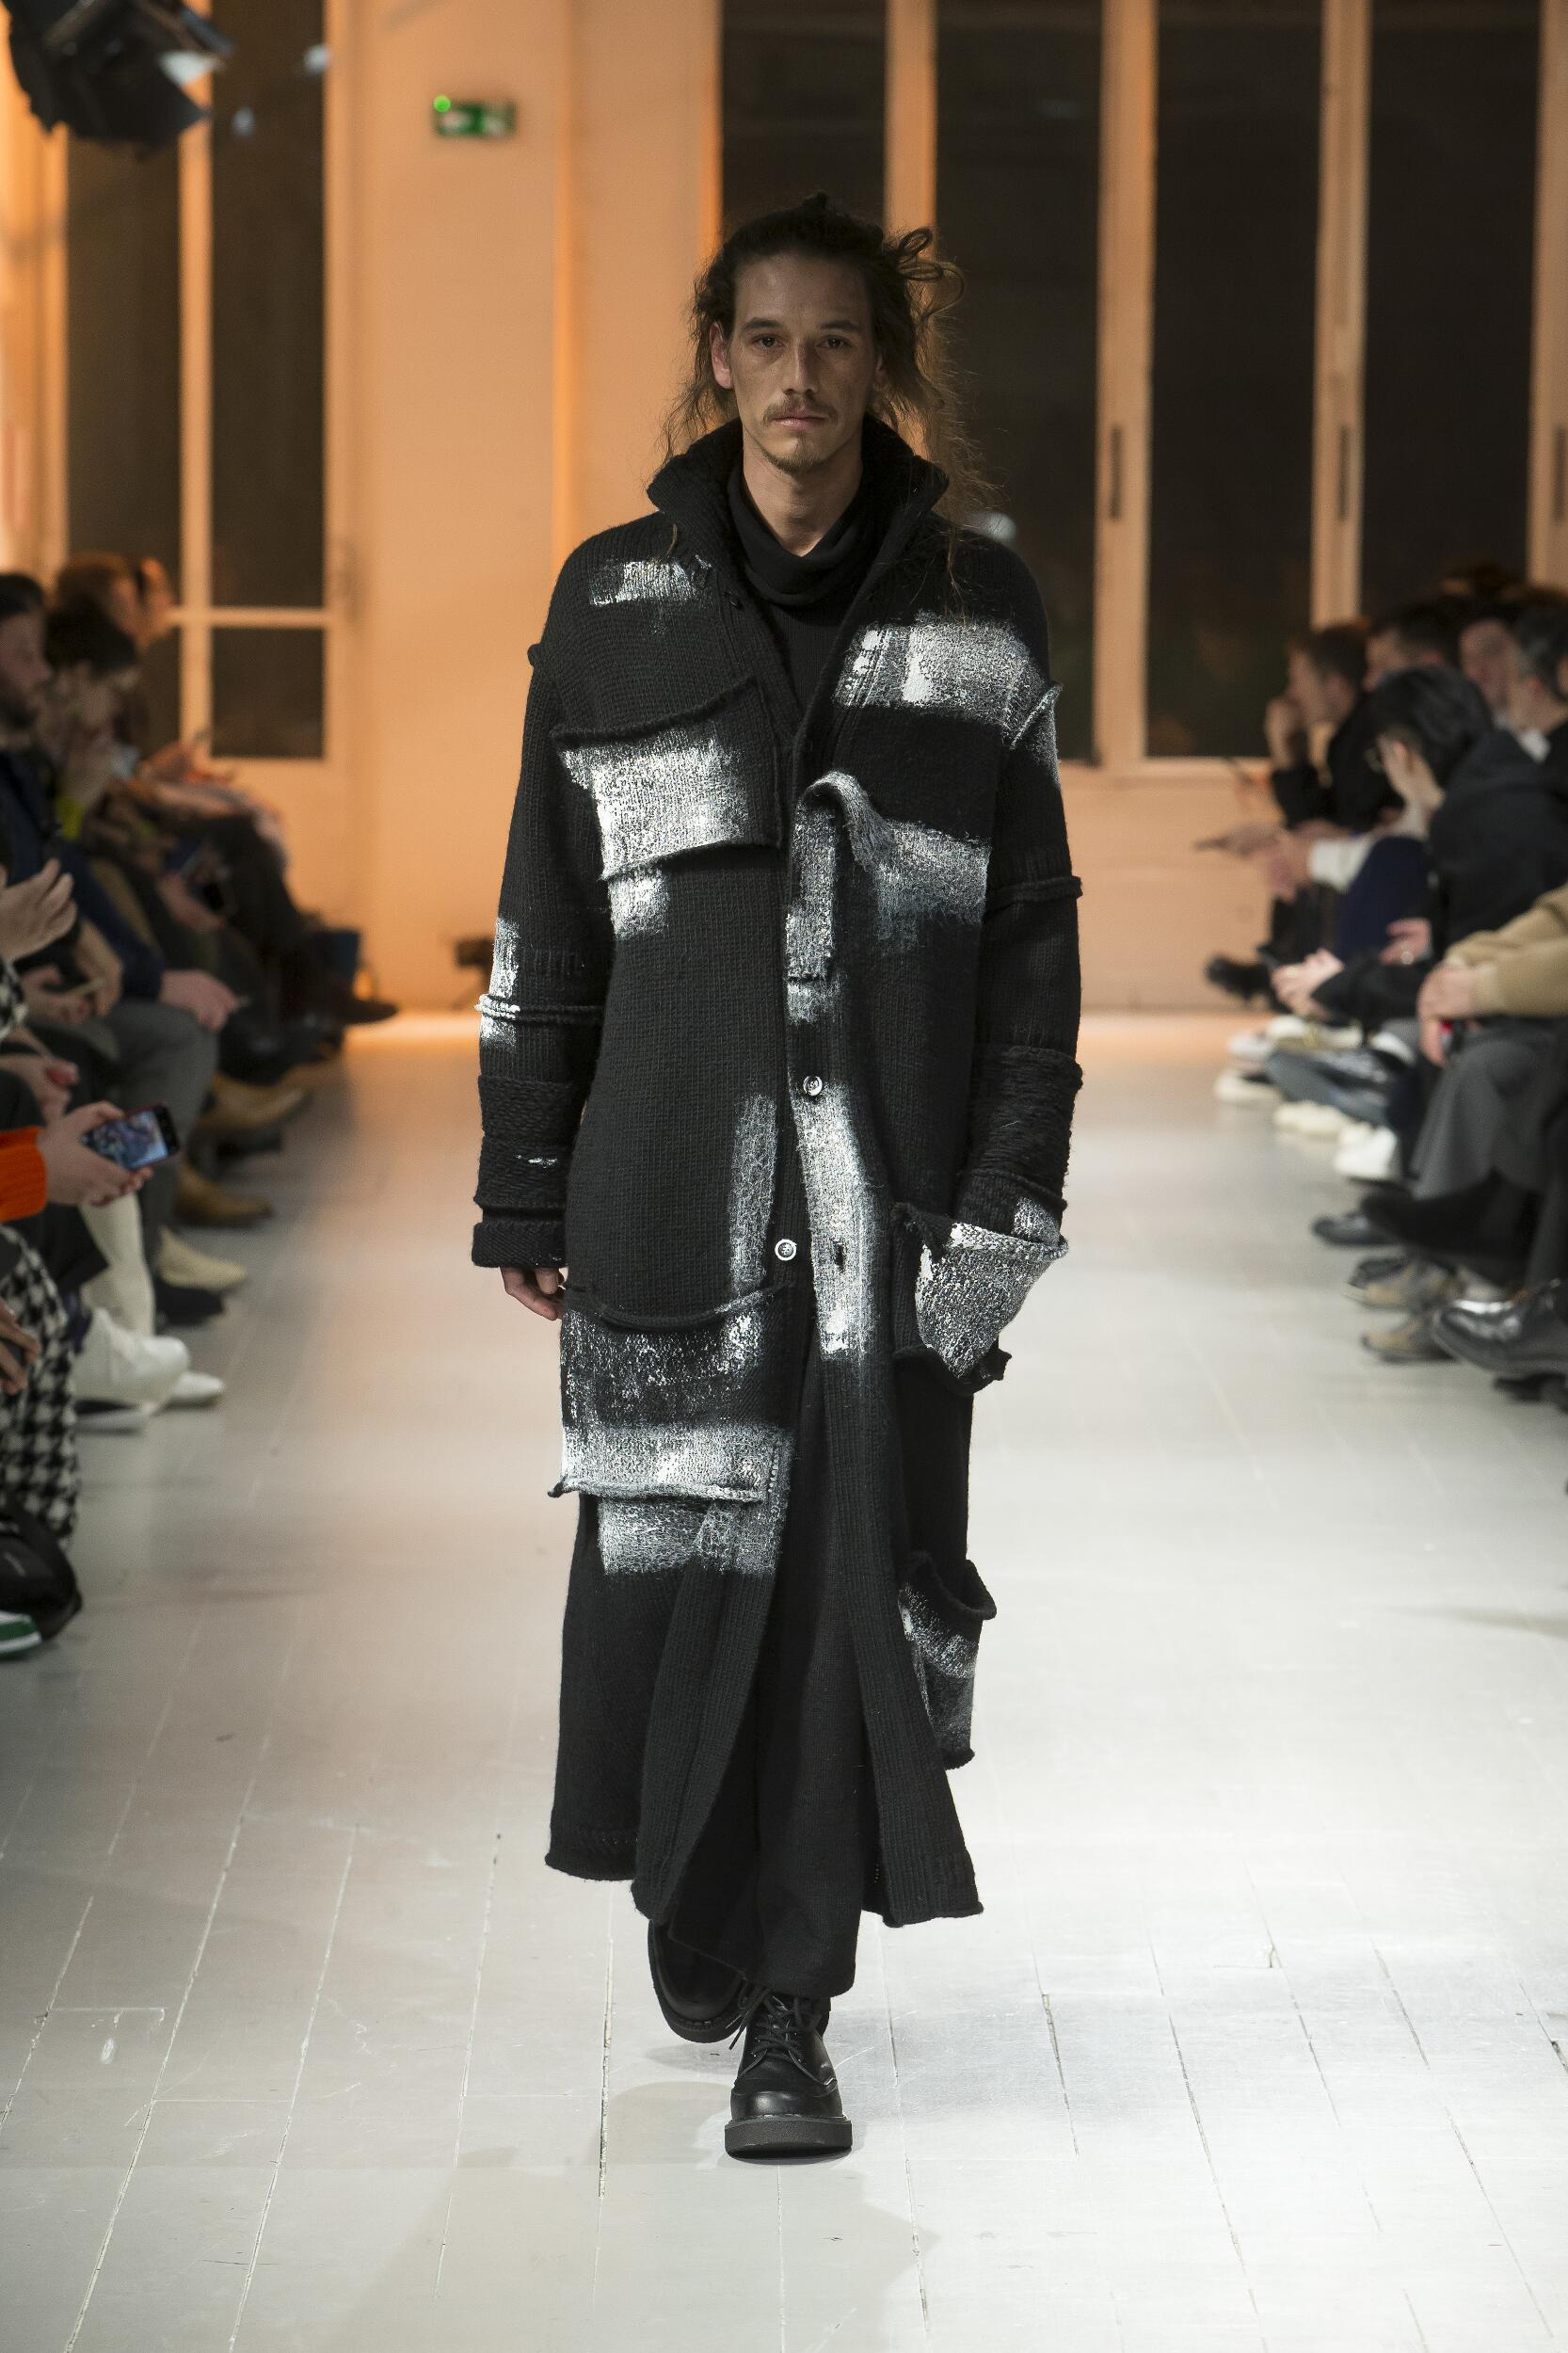 2020 Yohji Yamamoto Fall Catwalk